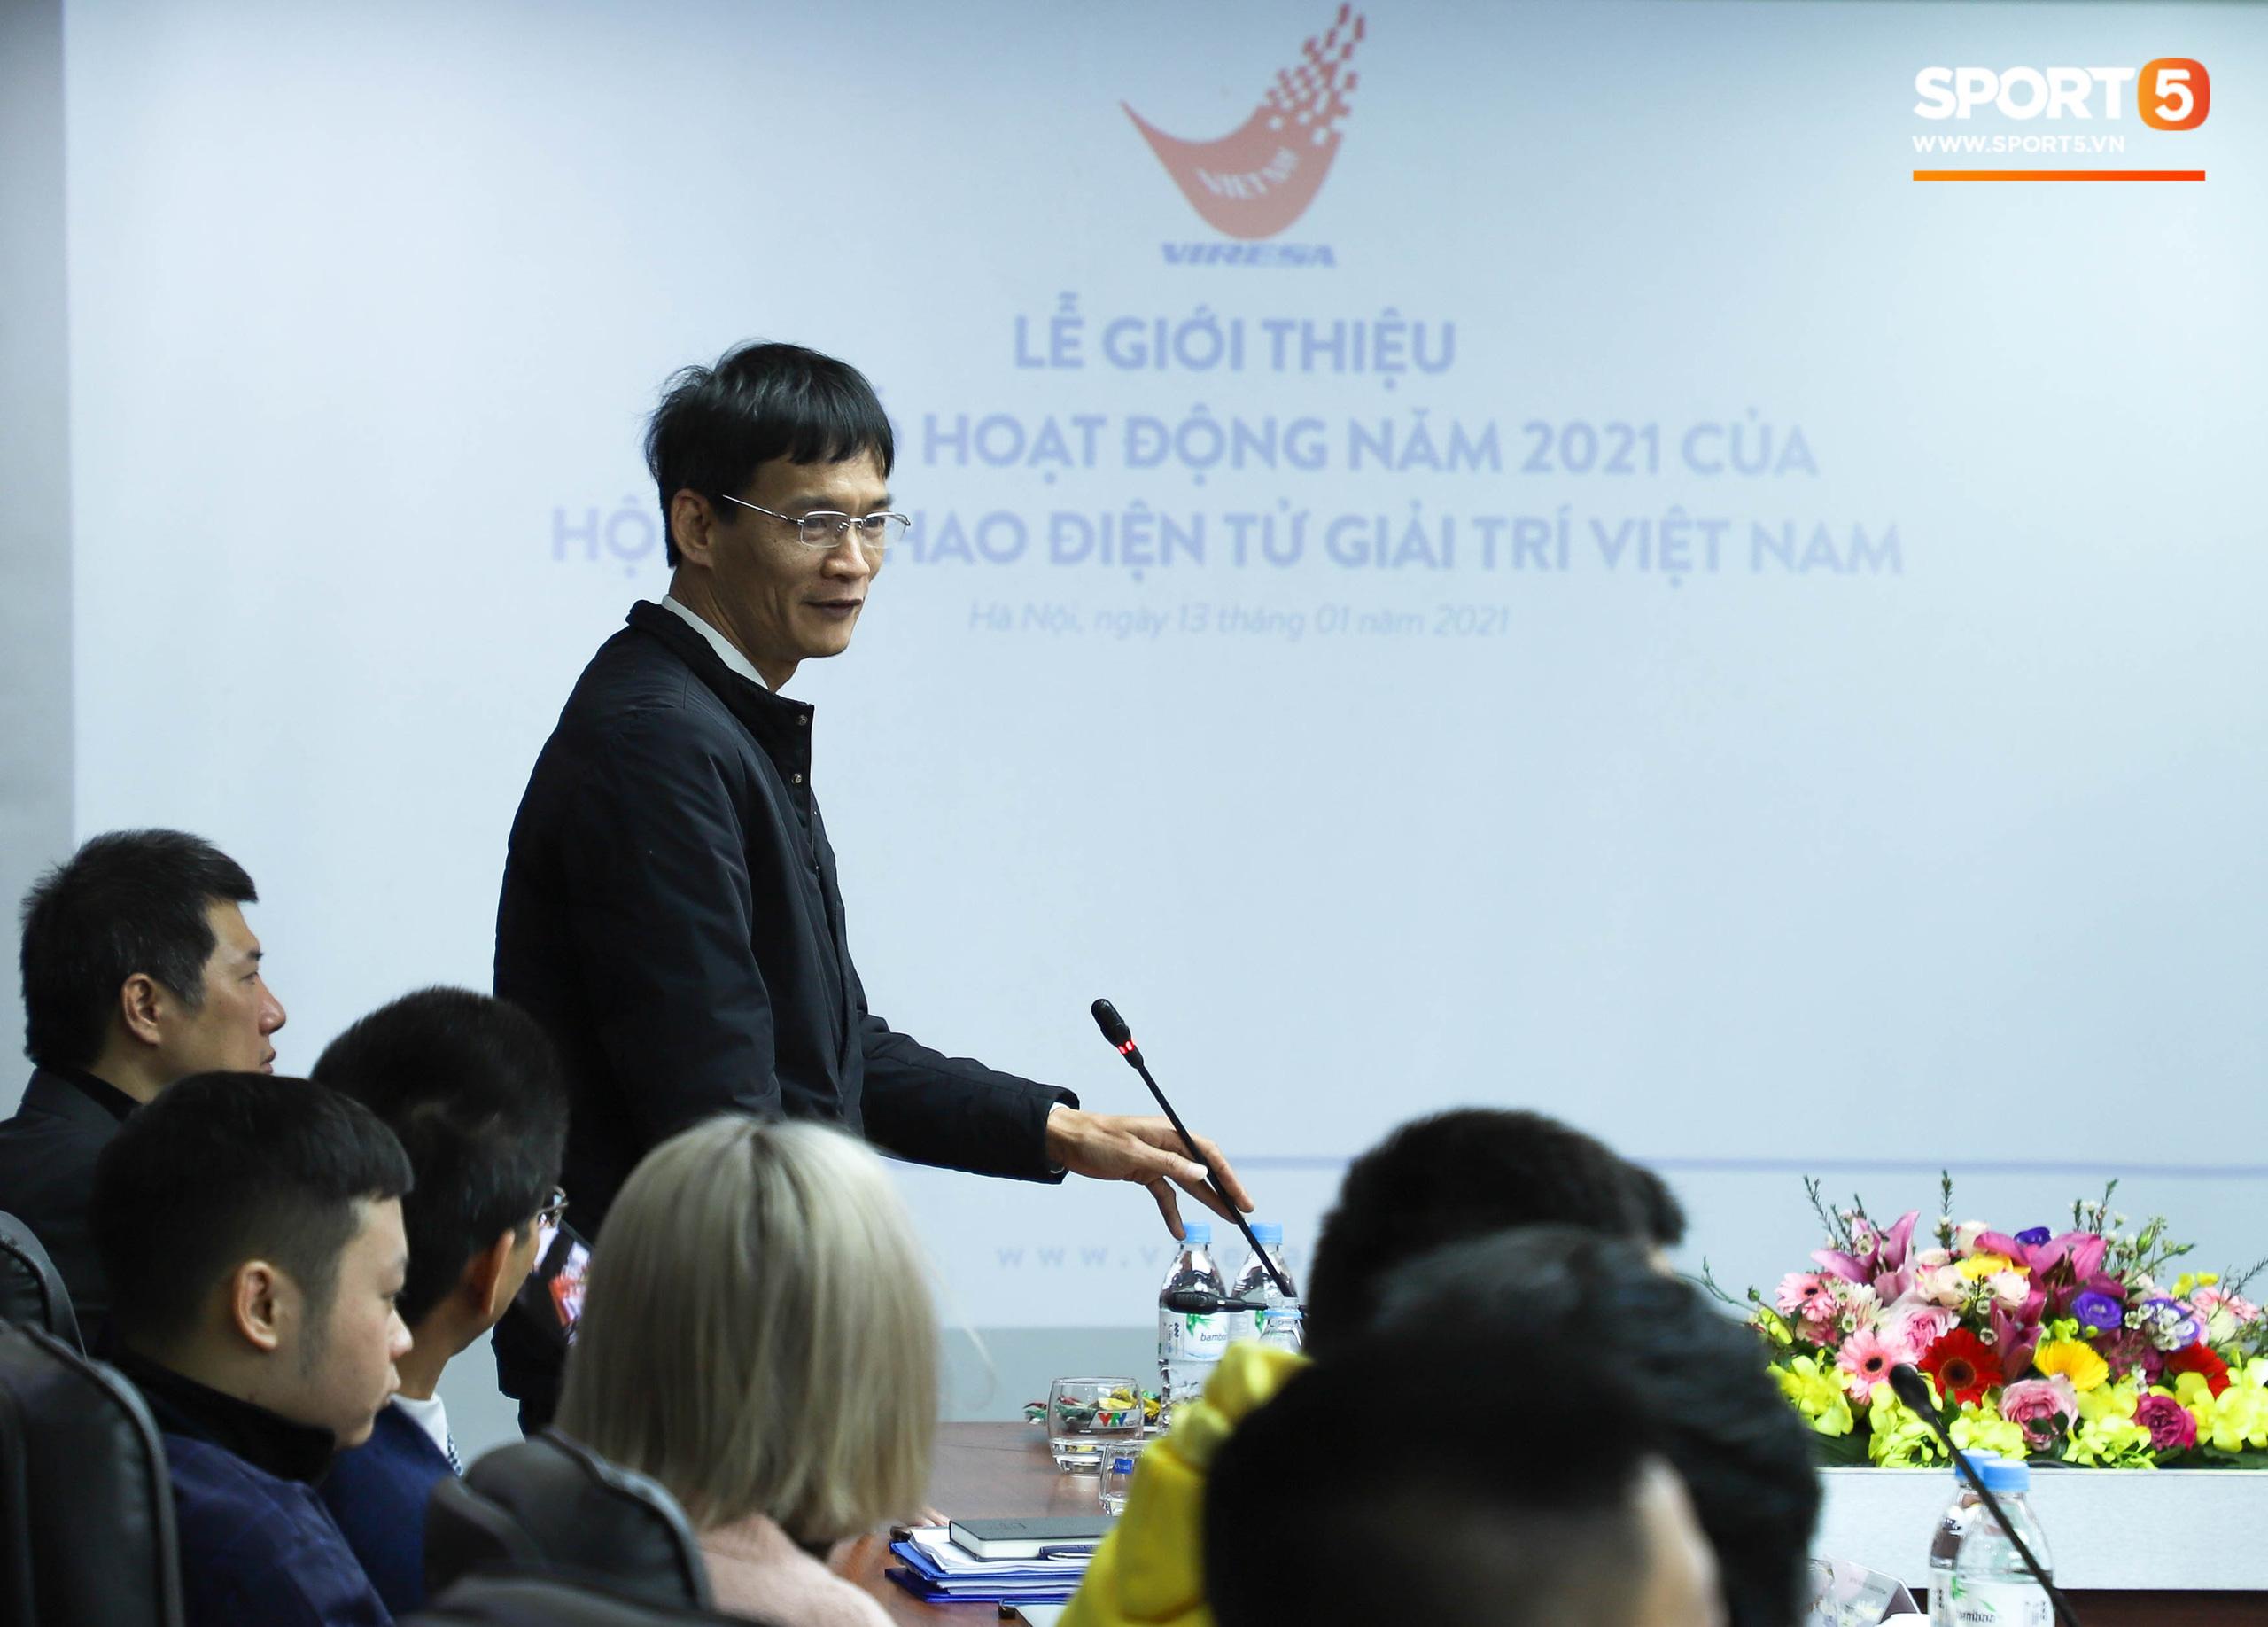 Việt Nam sắp có giải Esports vô địch quốc gia, số lượng bộ môn được cân nhắc đem vào thi đấu gây bất ngờ lớn - Ảnh 1.